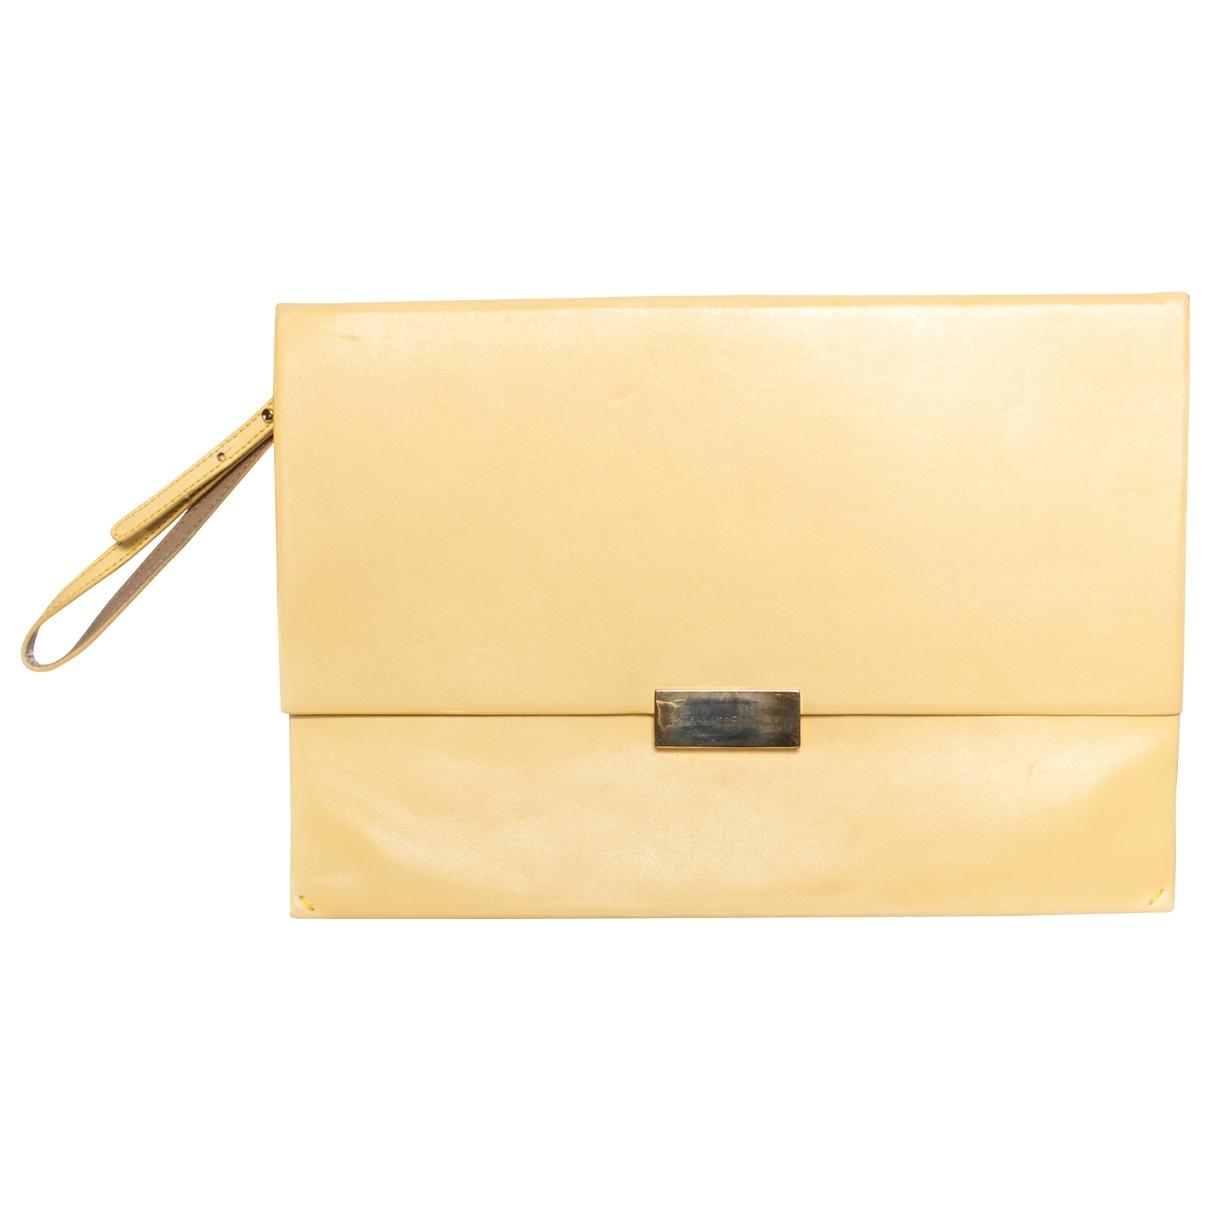 Stella Mccartney \N Yellow Leather Clutch bag for Women \N